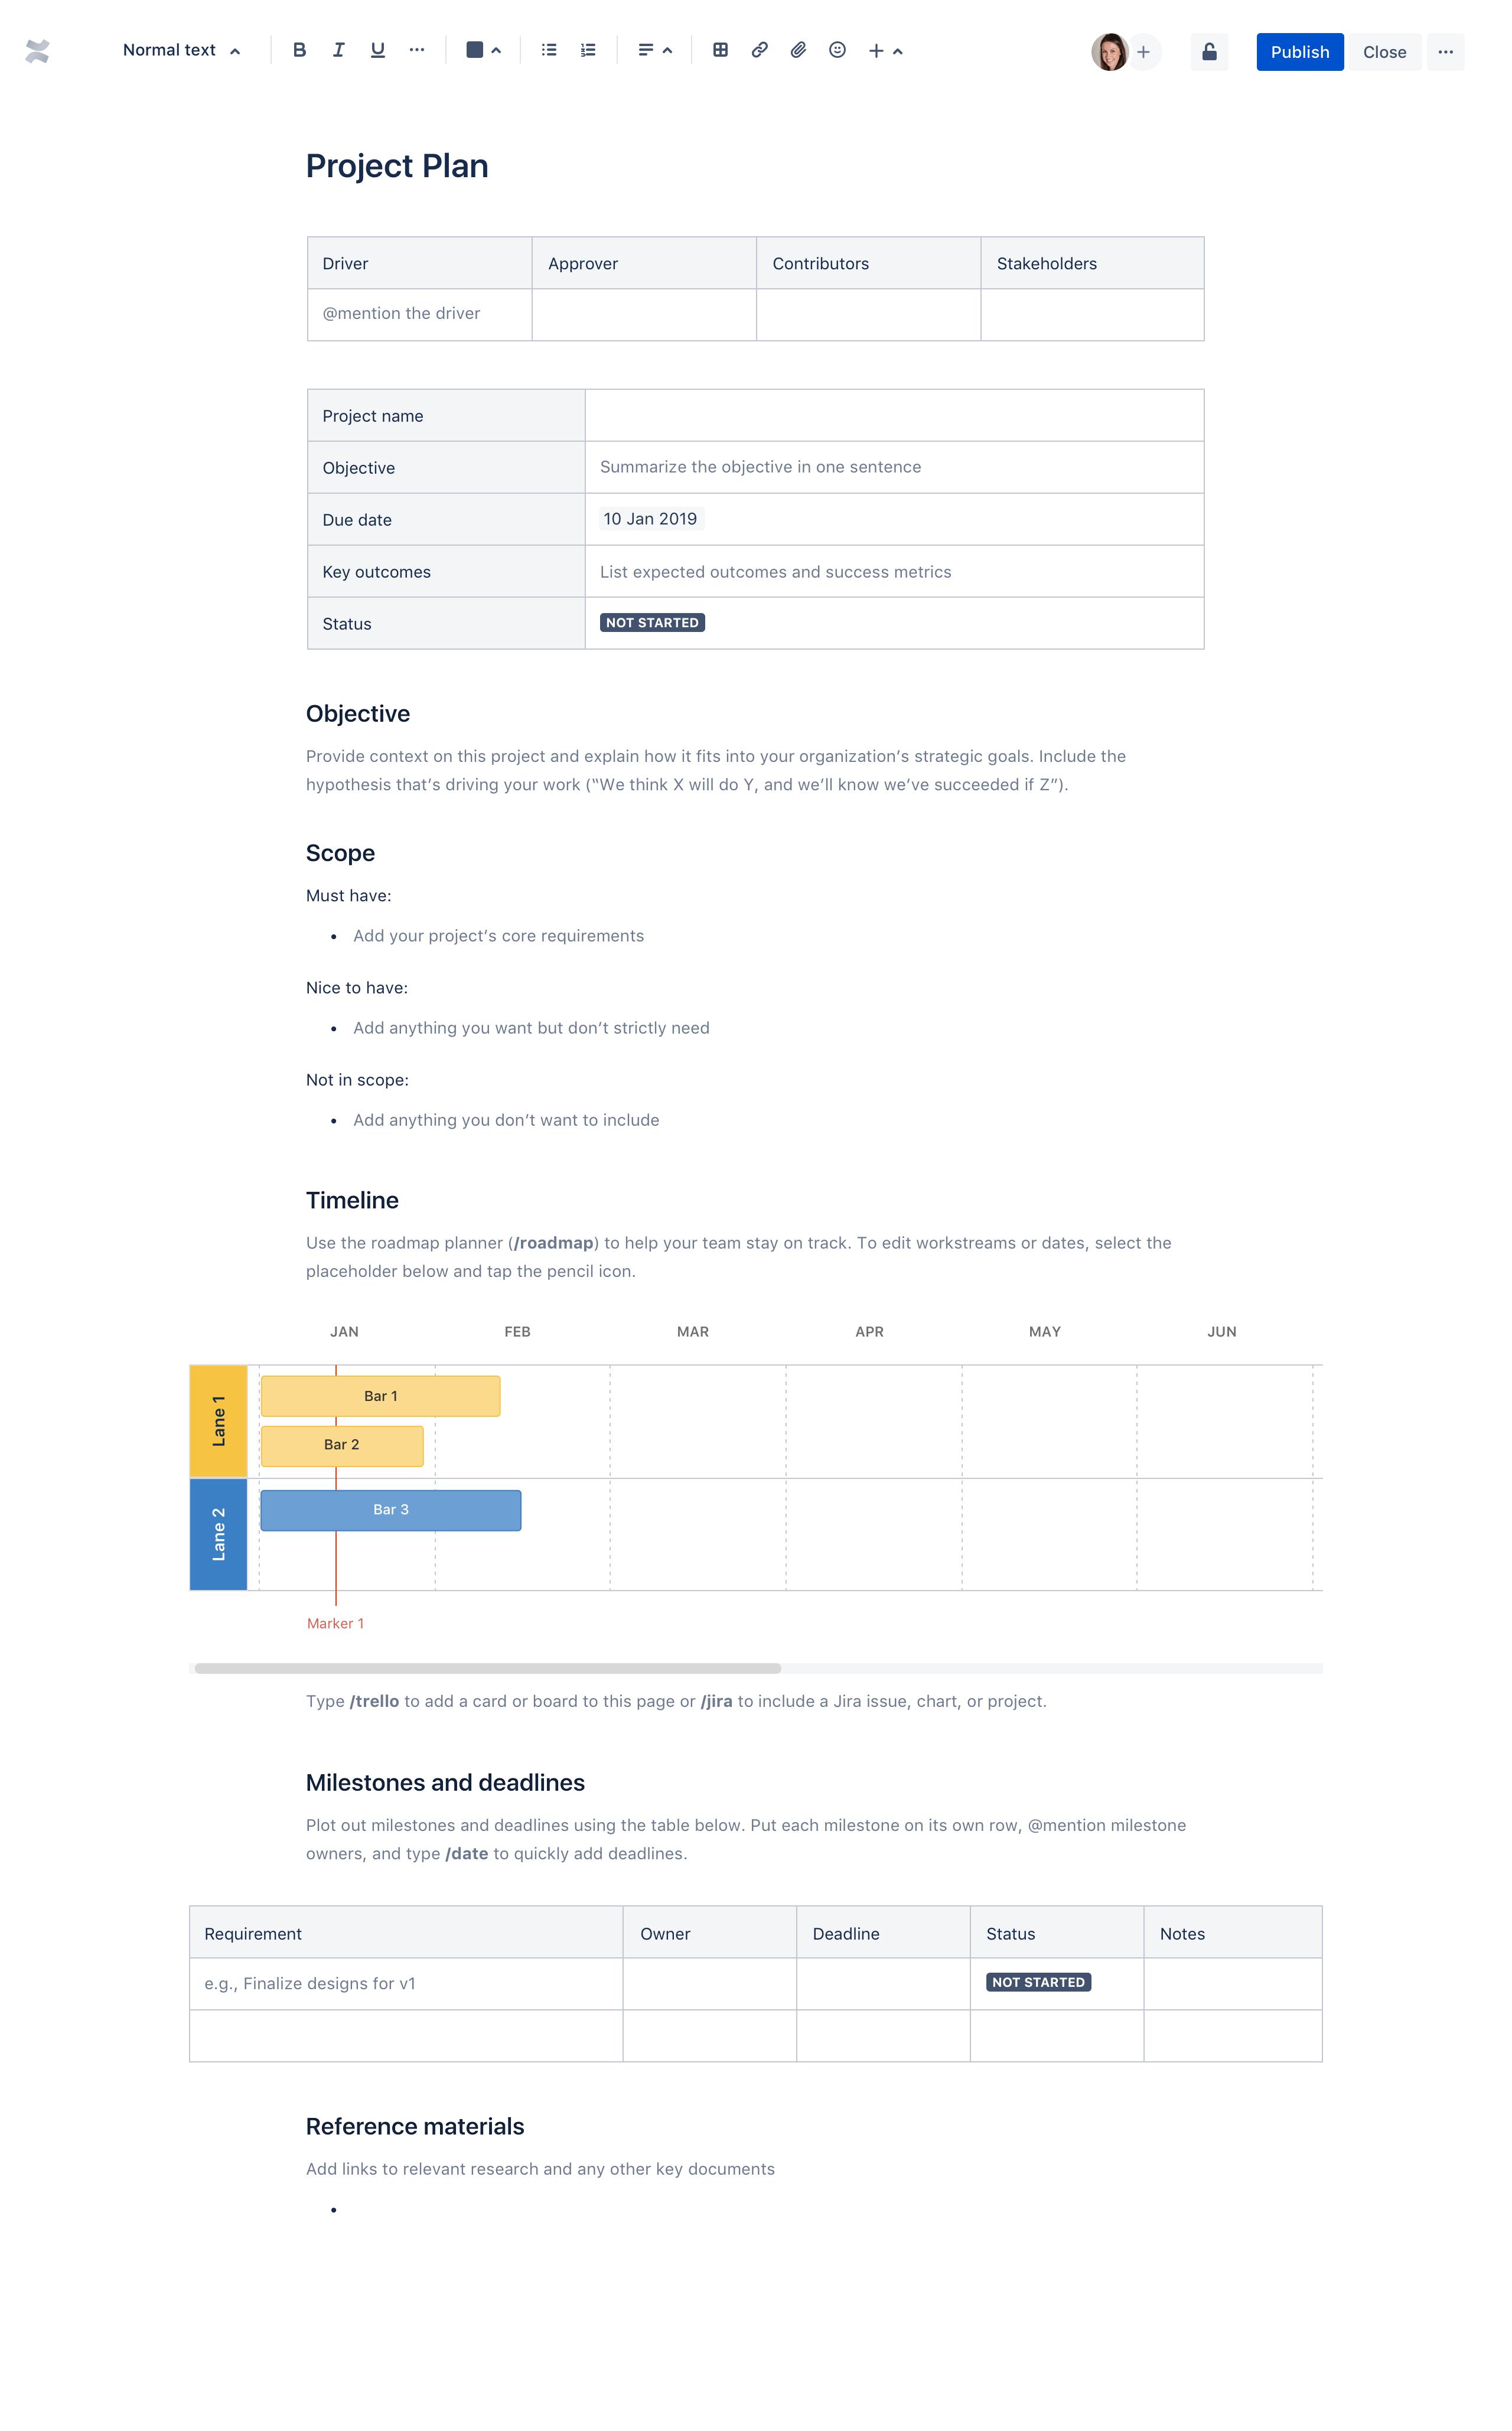 프로젝트 계획 템플릿